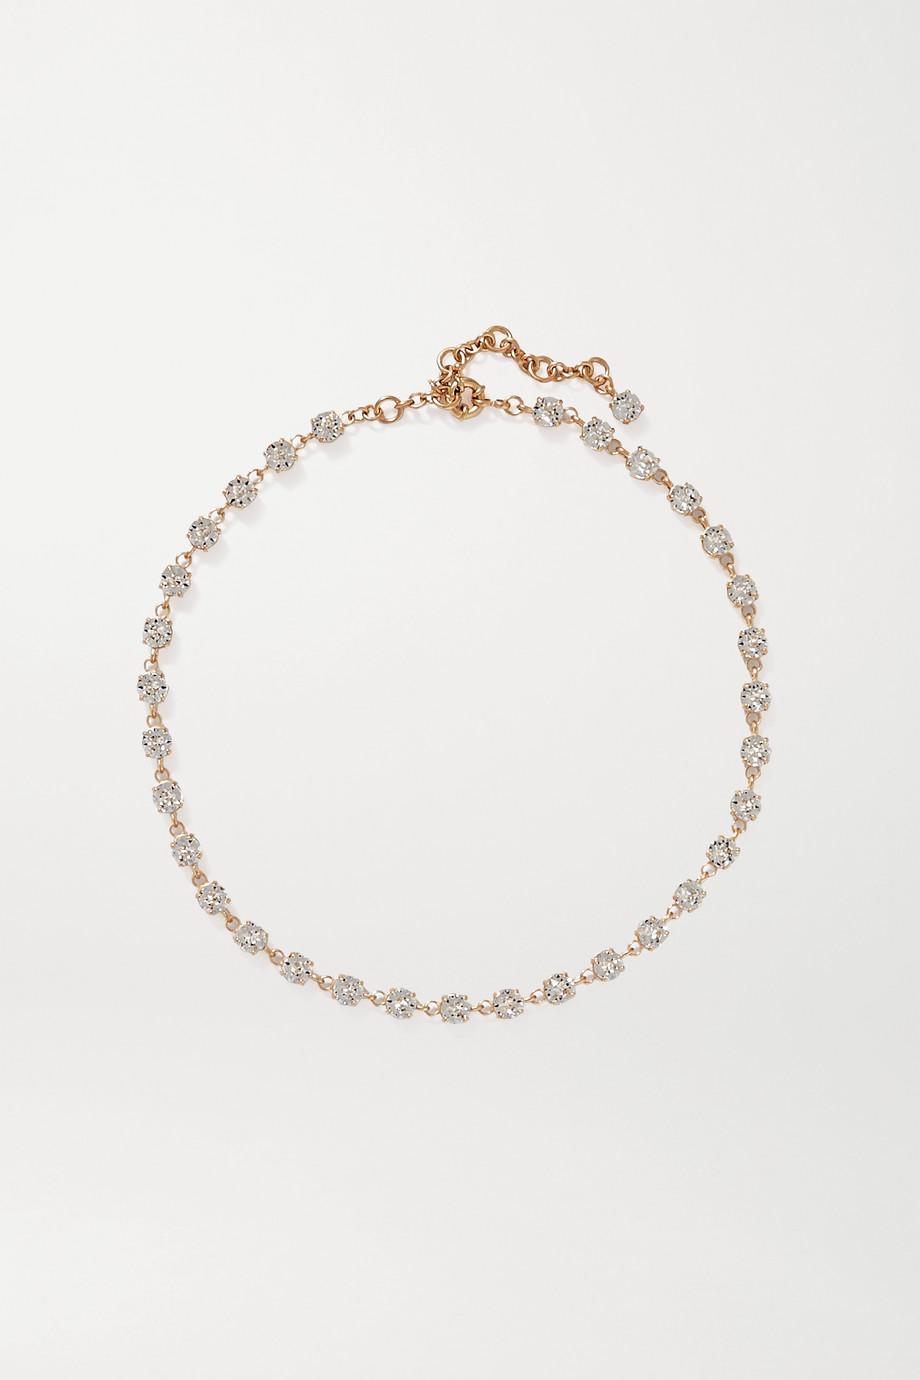 Roxanne Assoulin Collier en métal doré et cristaux Swarovski